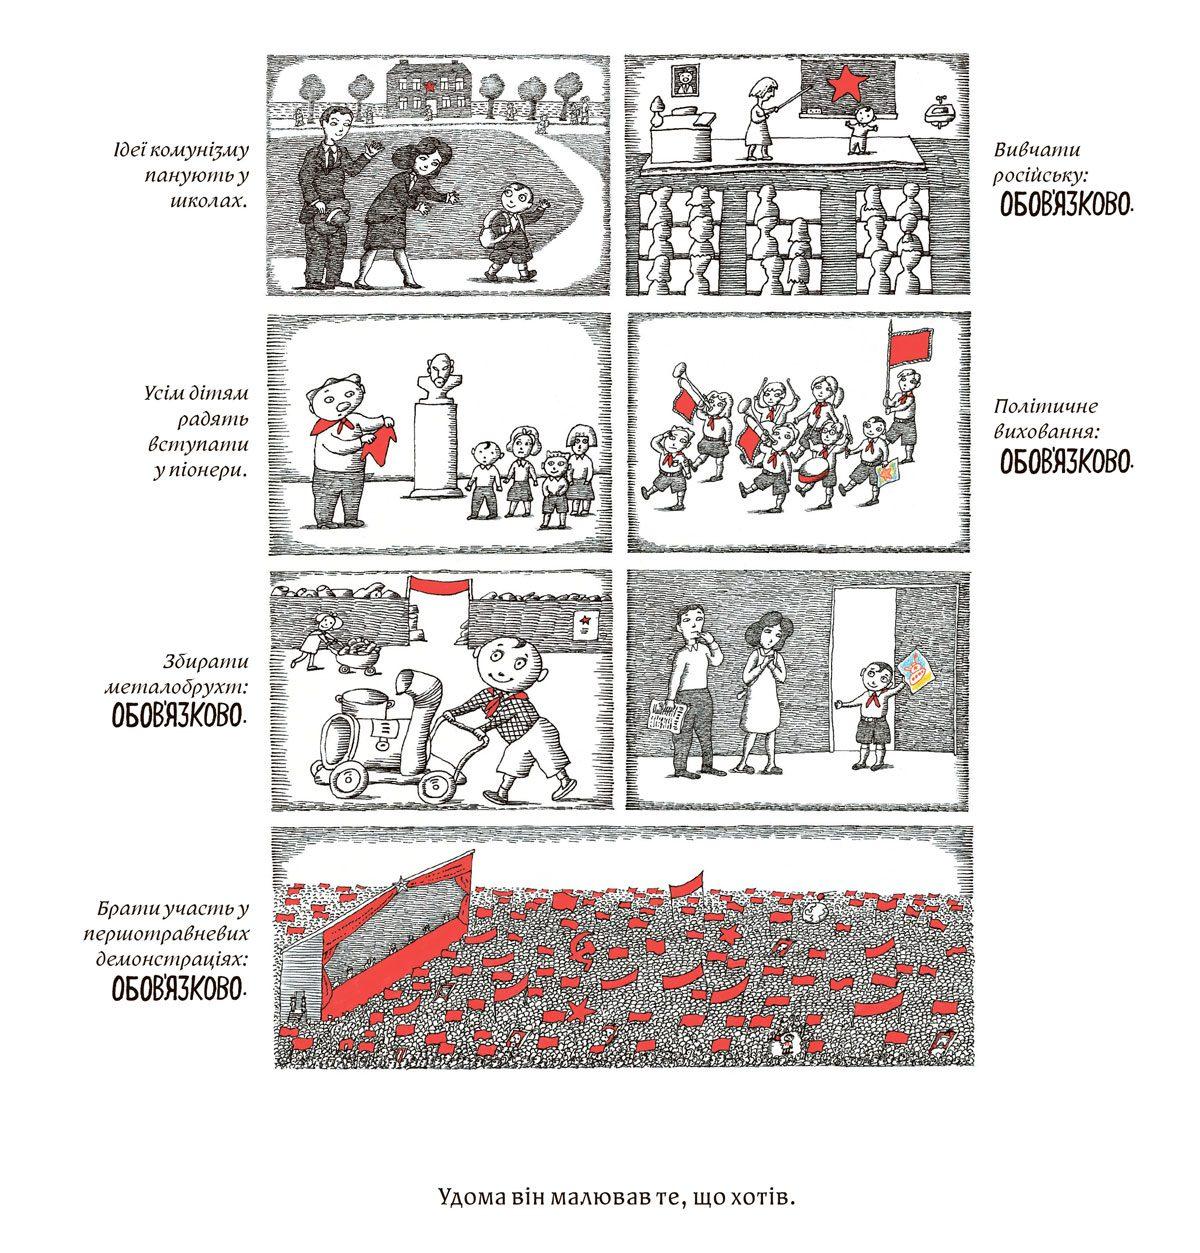 Stina BOOK 12 - «Це був час промивки мізків». Уривок із графічної новели «Стіна» - Заборона